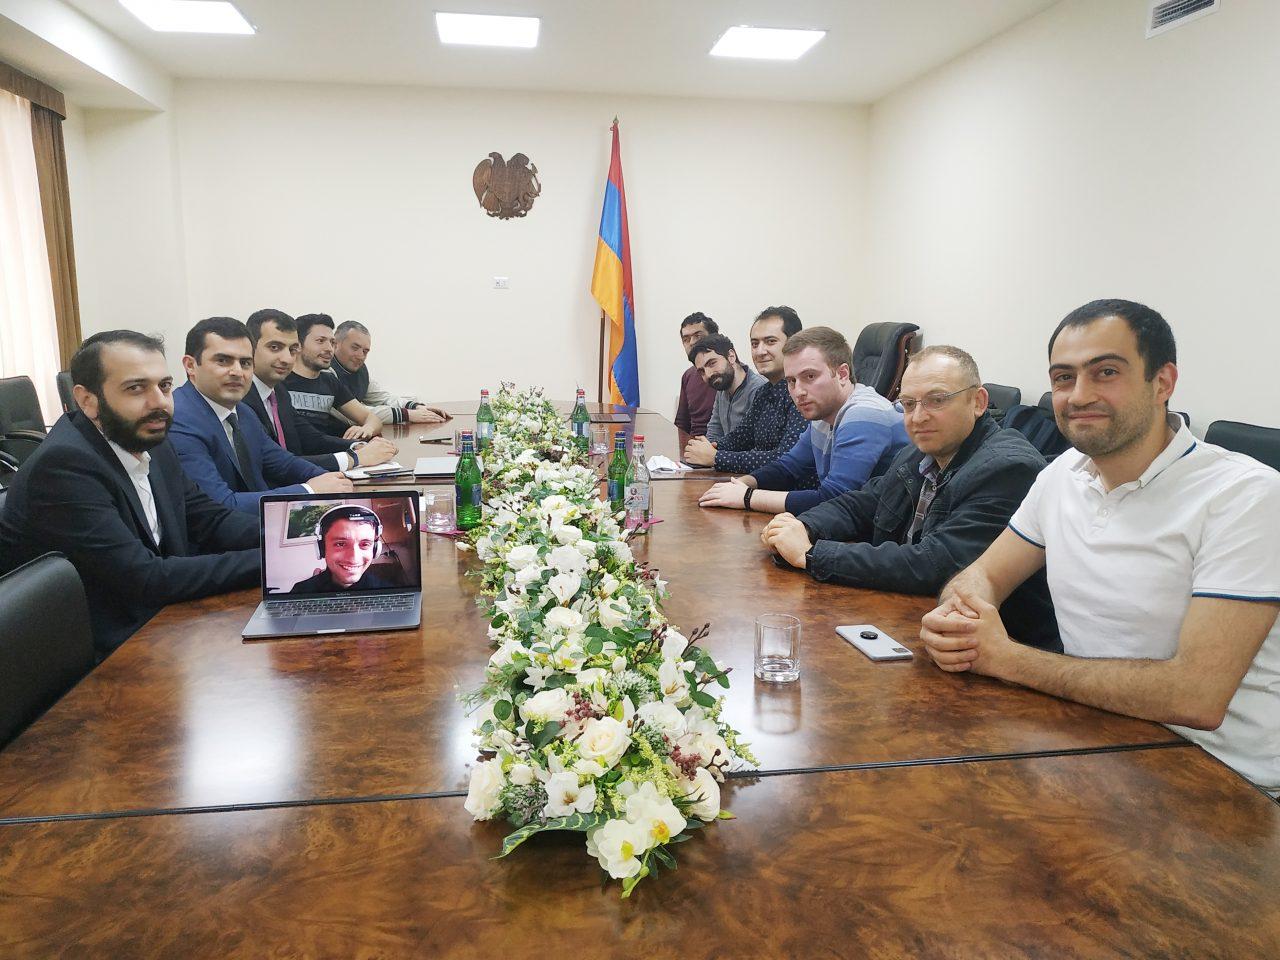 ՏՏ հայ մասնագետների խումբը կմոդելավորի կորոնավիրուսի հնարավոր տարածումը Հայաստանում